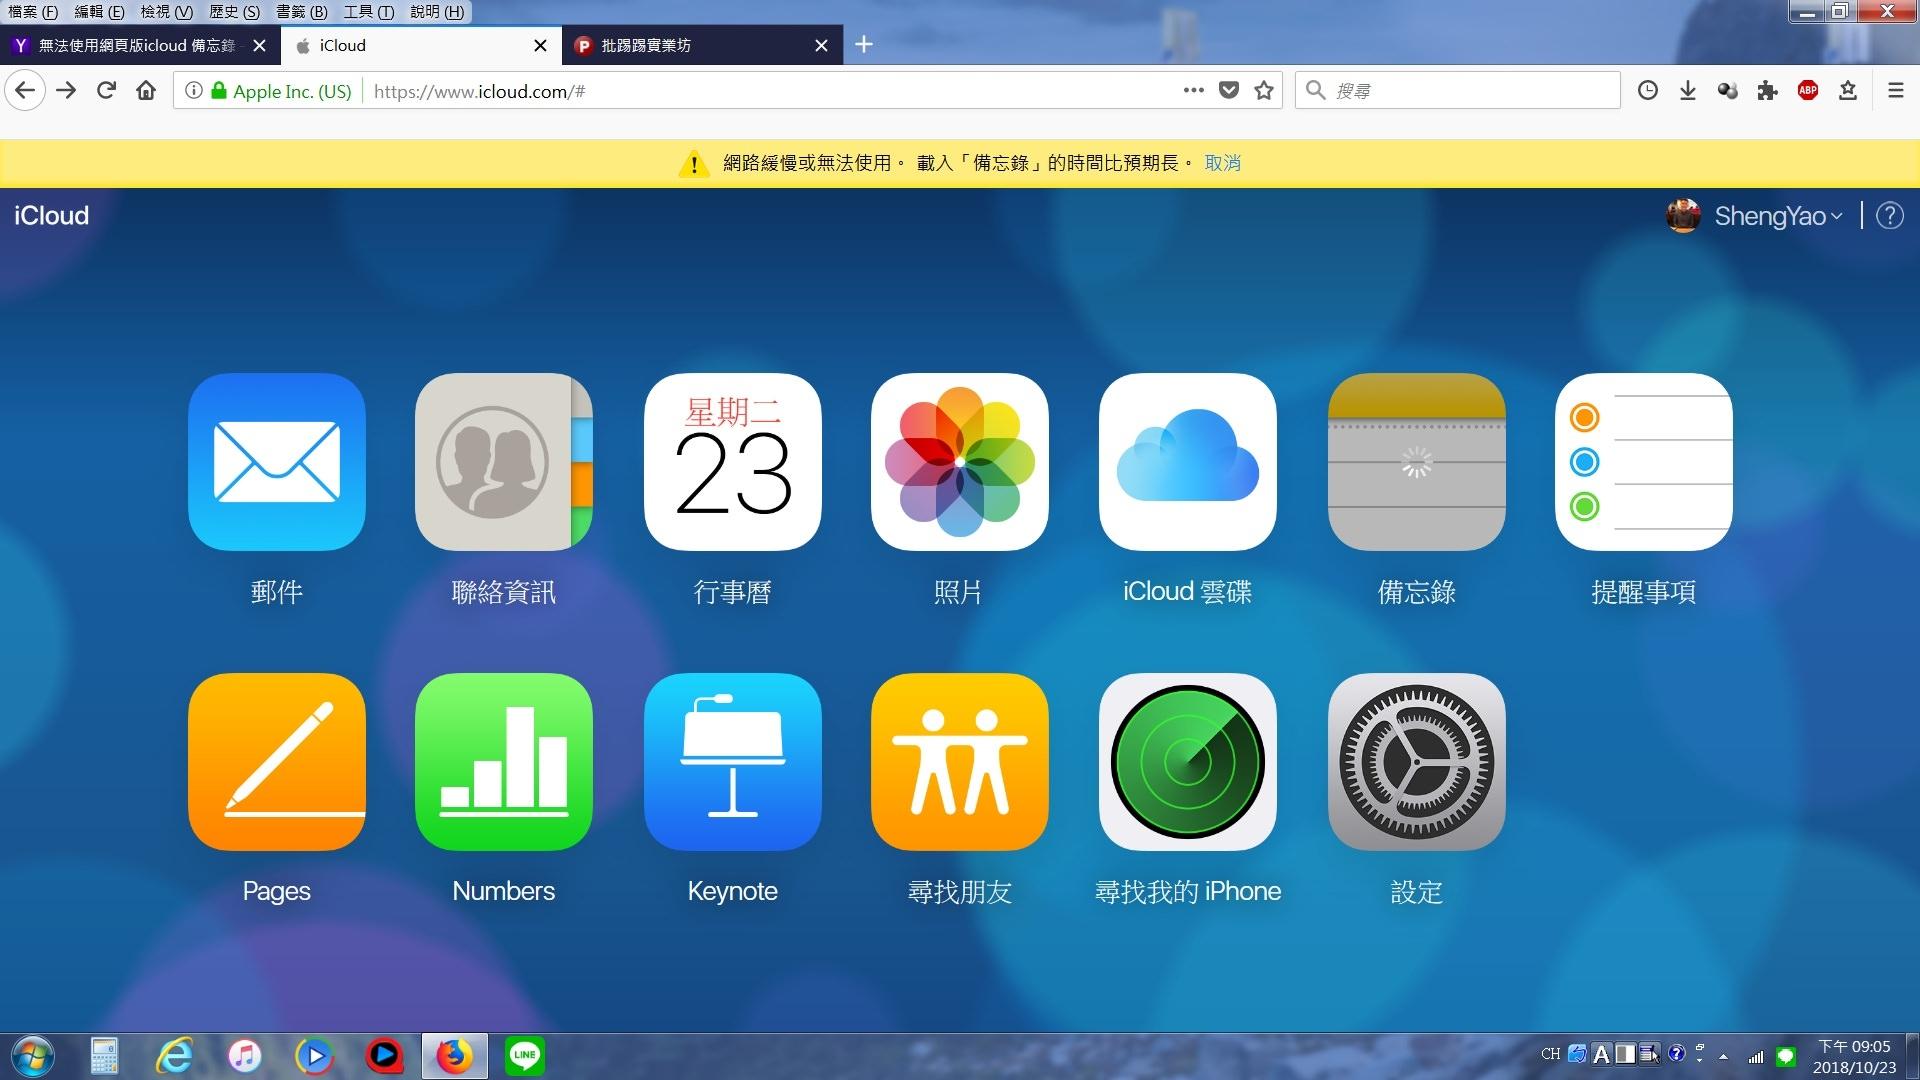 無法使用icloud網頁版備忘錄 - Mobile01